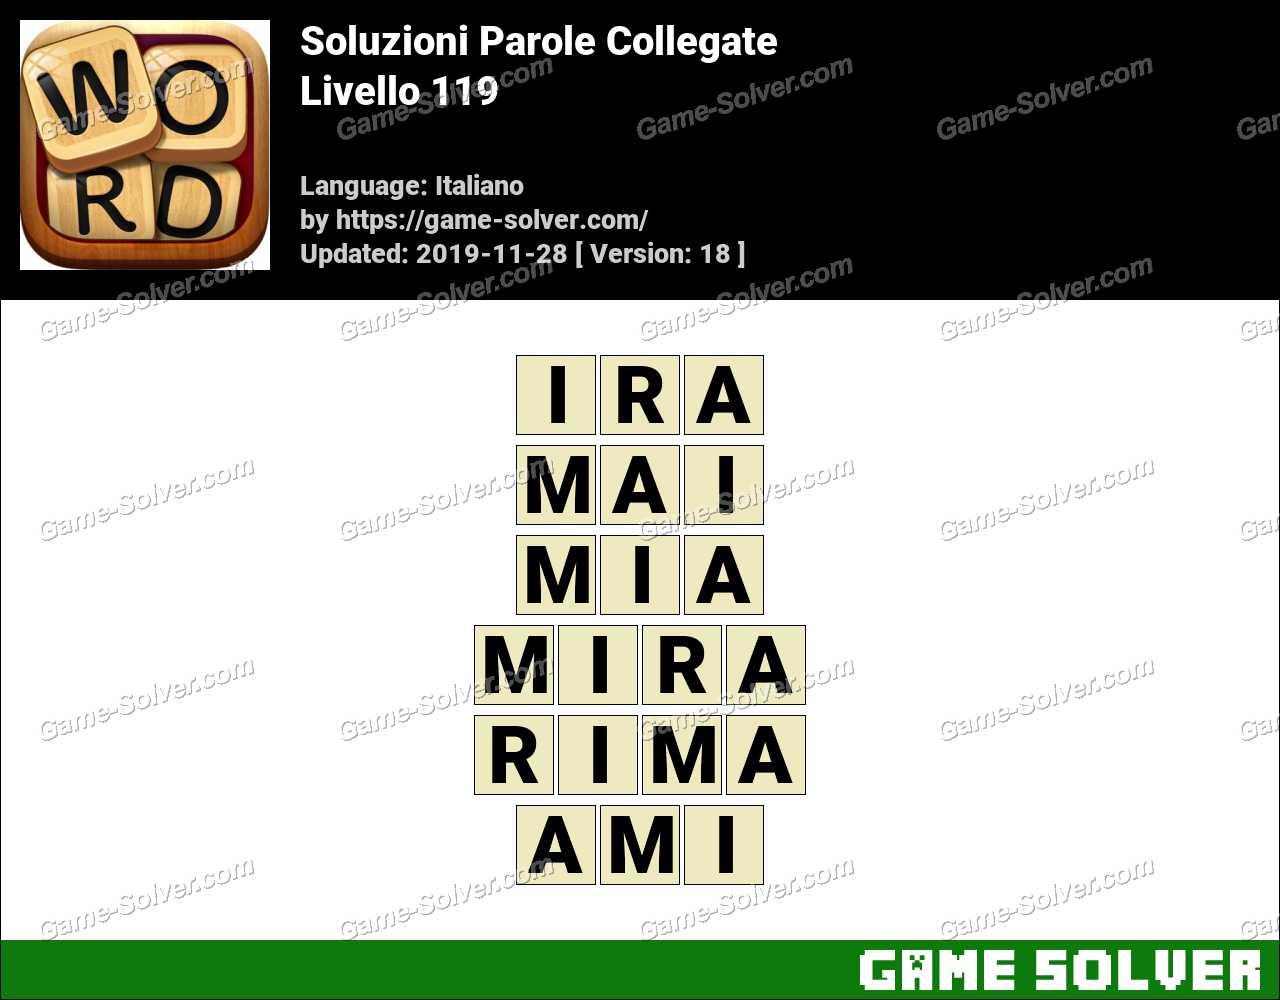 Soluzioni Parole Collegate Livello 119